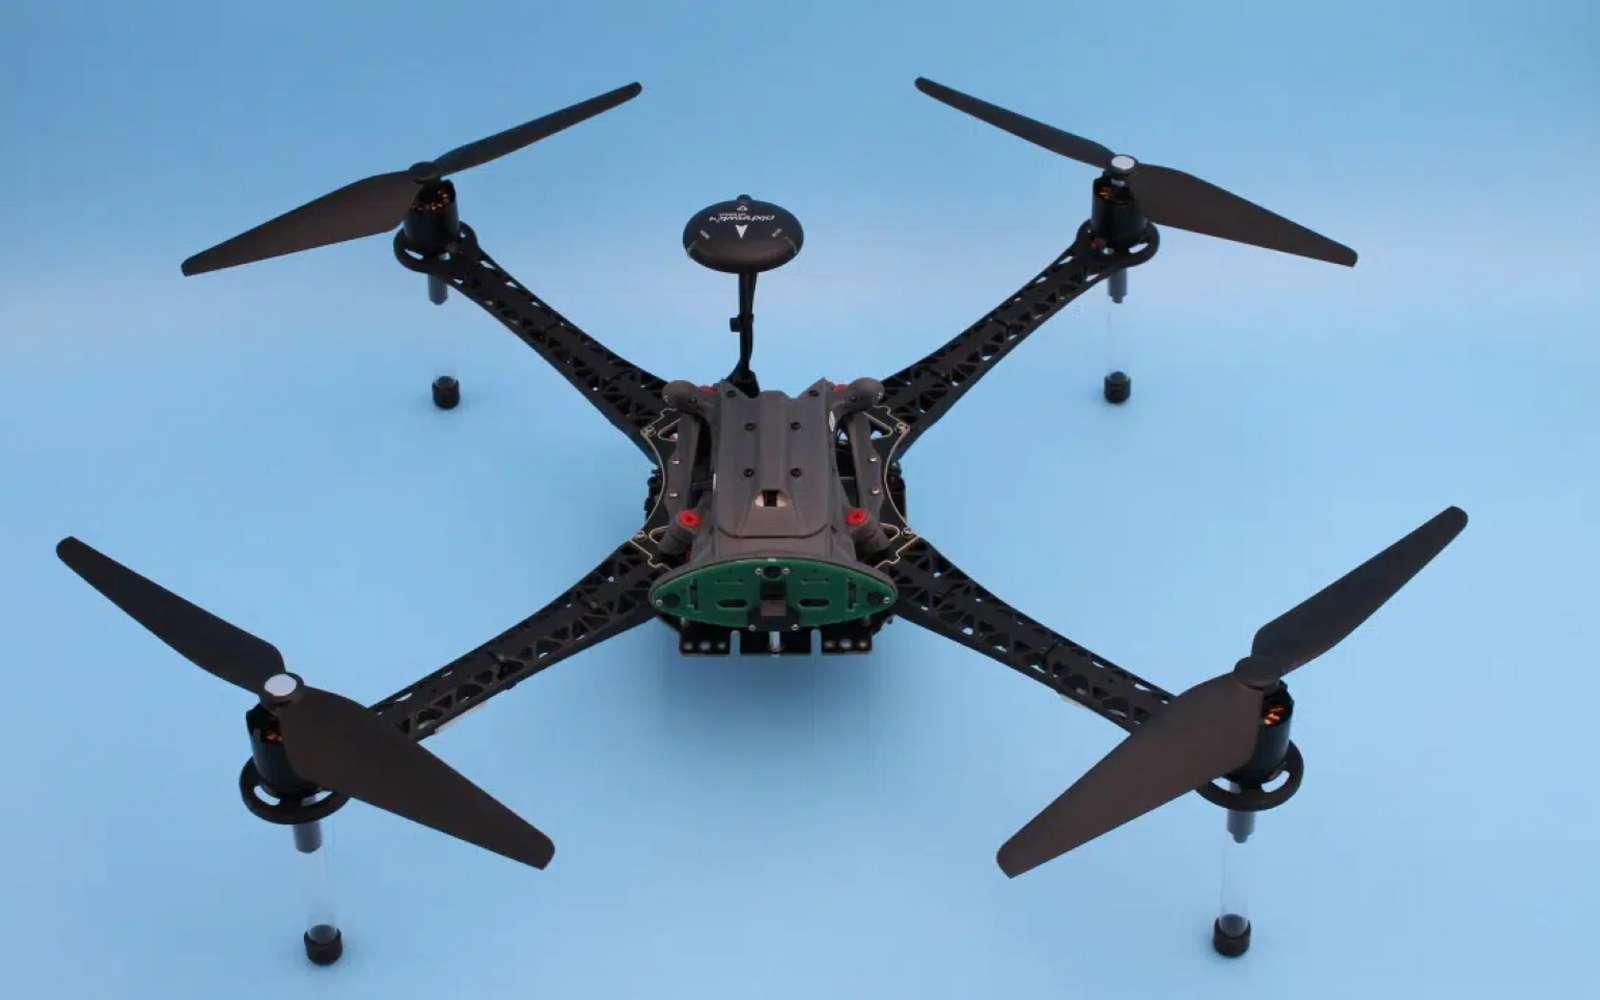 Avec sa plateforme Flight RB5 5G, Qualcomm veut devenir un acteur majeur du marché des drones. © Qualcomm